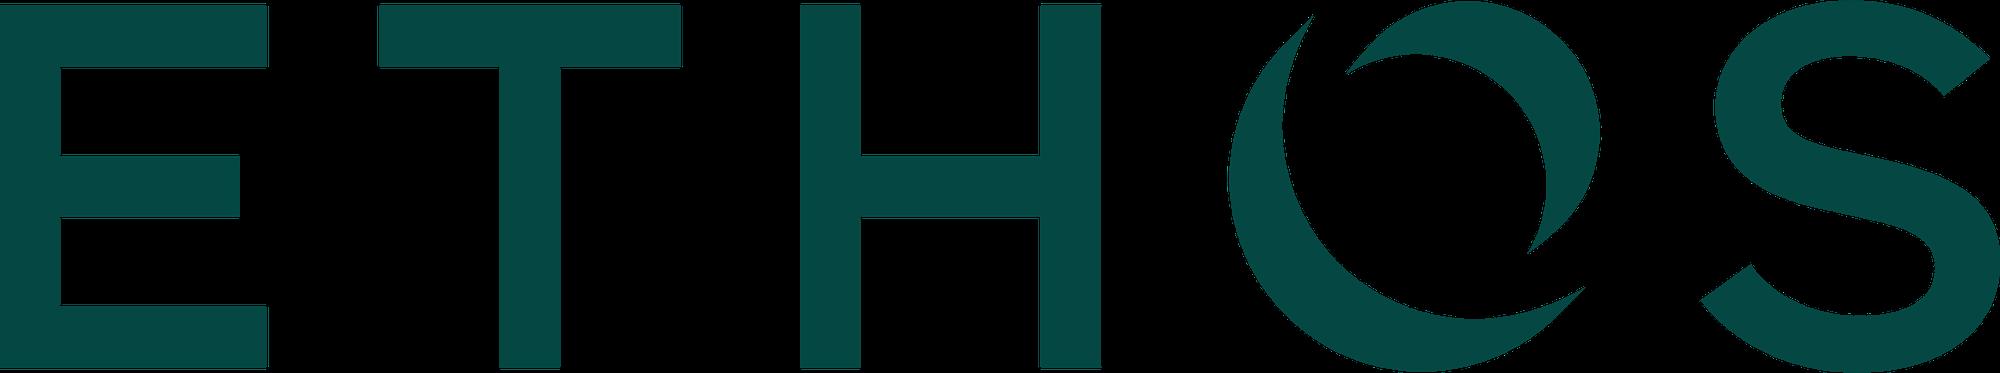 ethos logo large